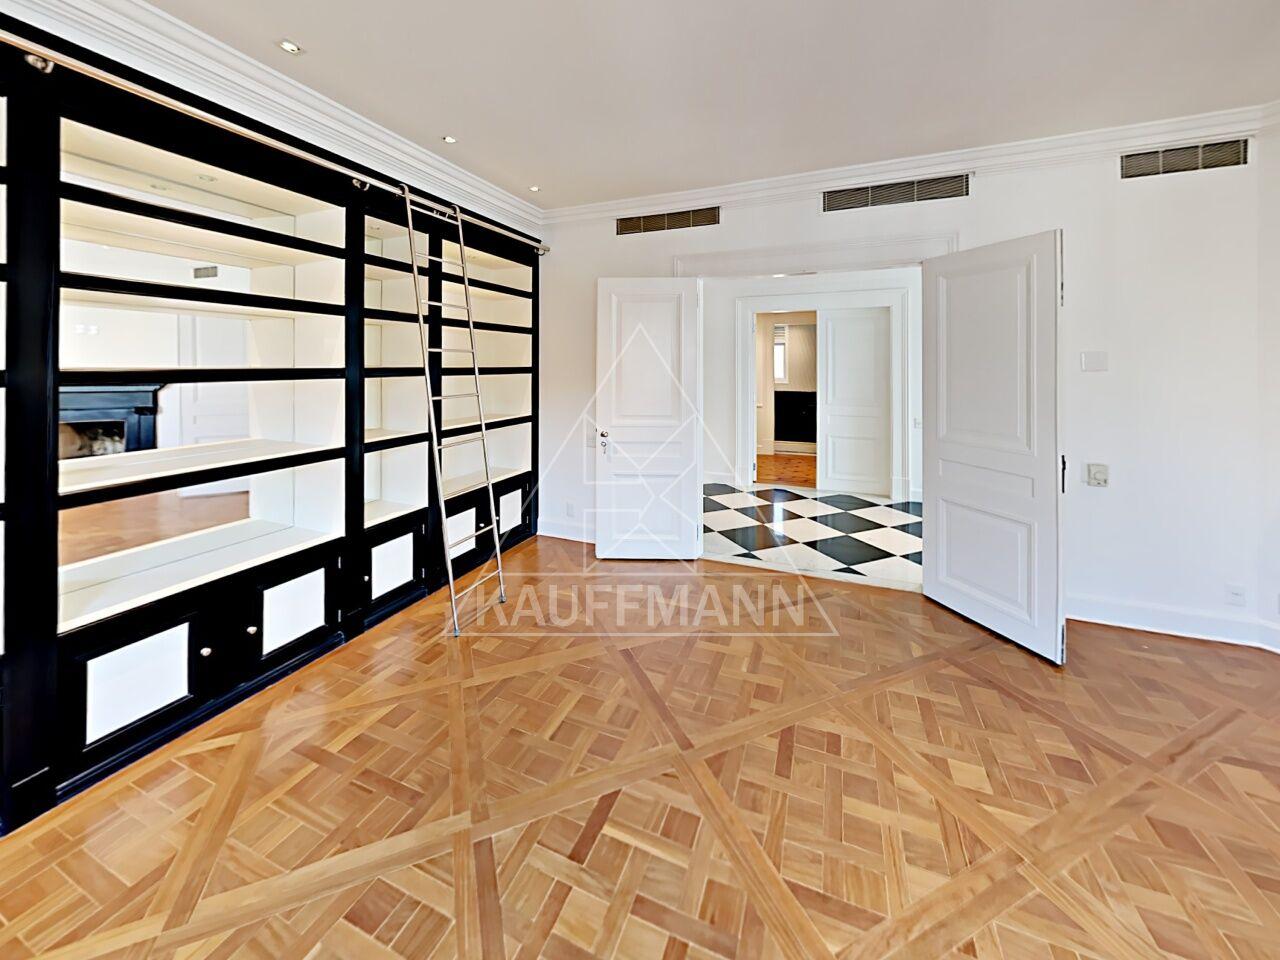 apartamento-venda-sao-paulo-jardim-america-regency-6dormitorios-6suites-7vagas-1099m2-Foto30